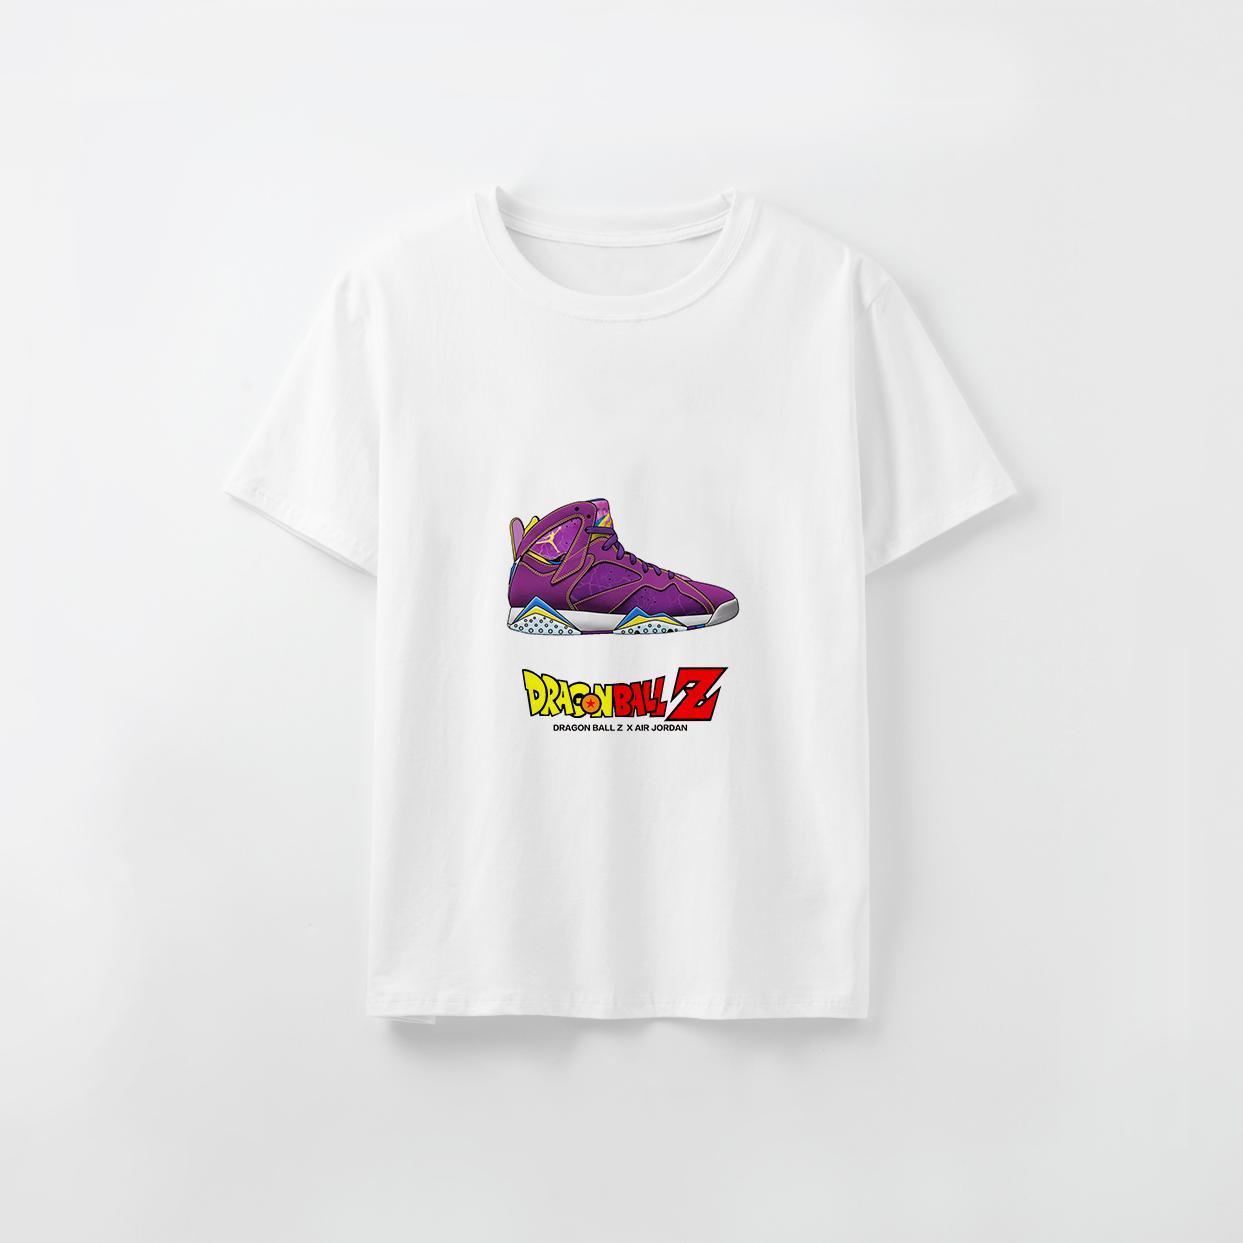 Дизайнер Tshirt Custom напечатан мужской Luxury тенниска для женщин Dragon Ball X Sneaker Printed Модального аним Top Не тегов и этикетки DIY20200801X